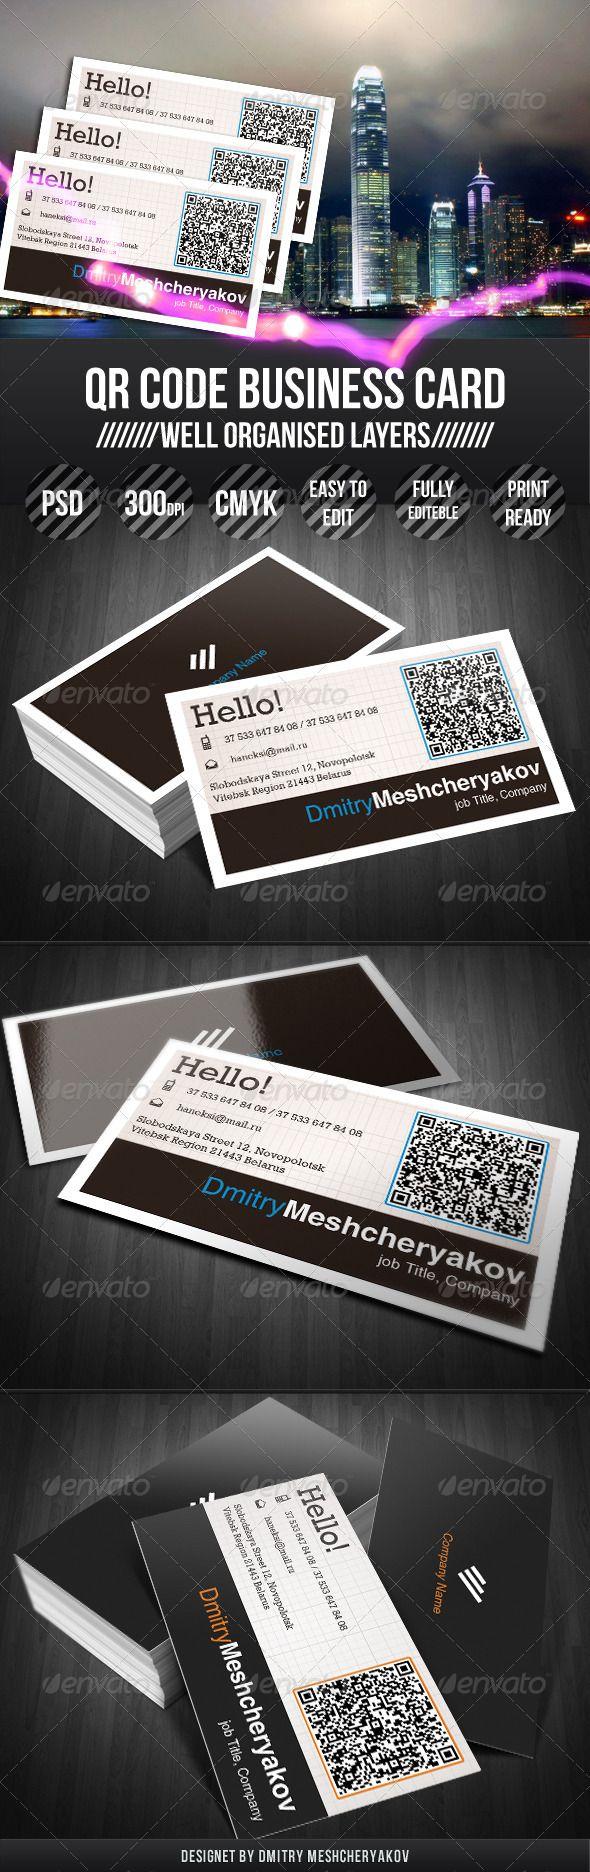 Best 25 qr code business card ideas on pinterest sample best 25 qr code business card ideas on pinterest sample business cards best visiting card designs and visiting card design sample magicingreecefo Gallery